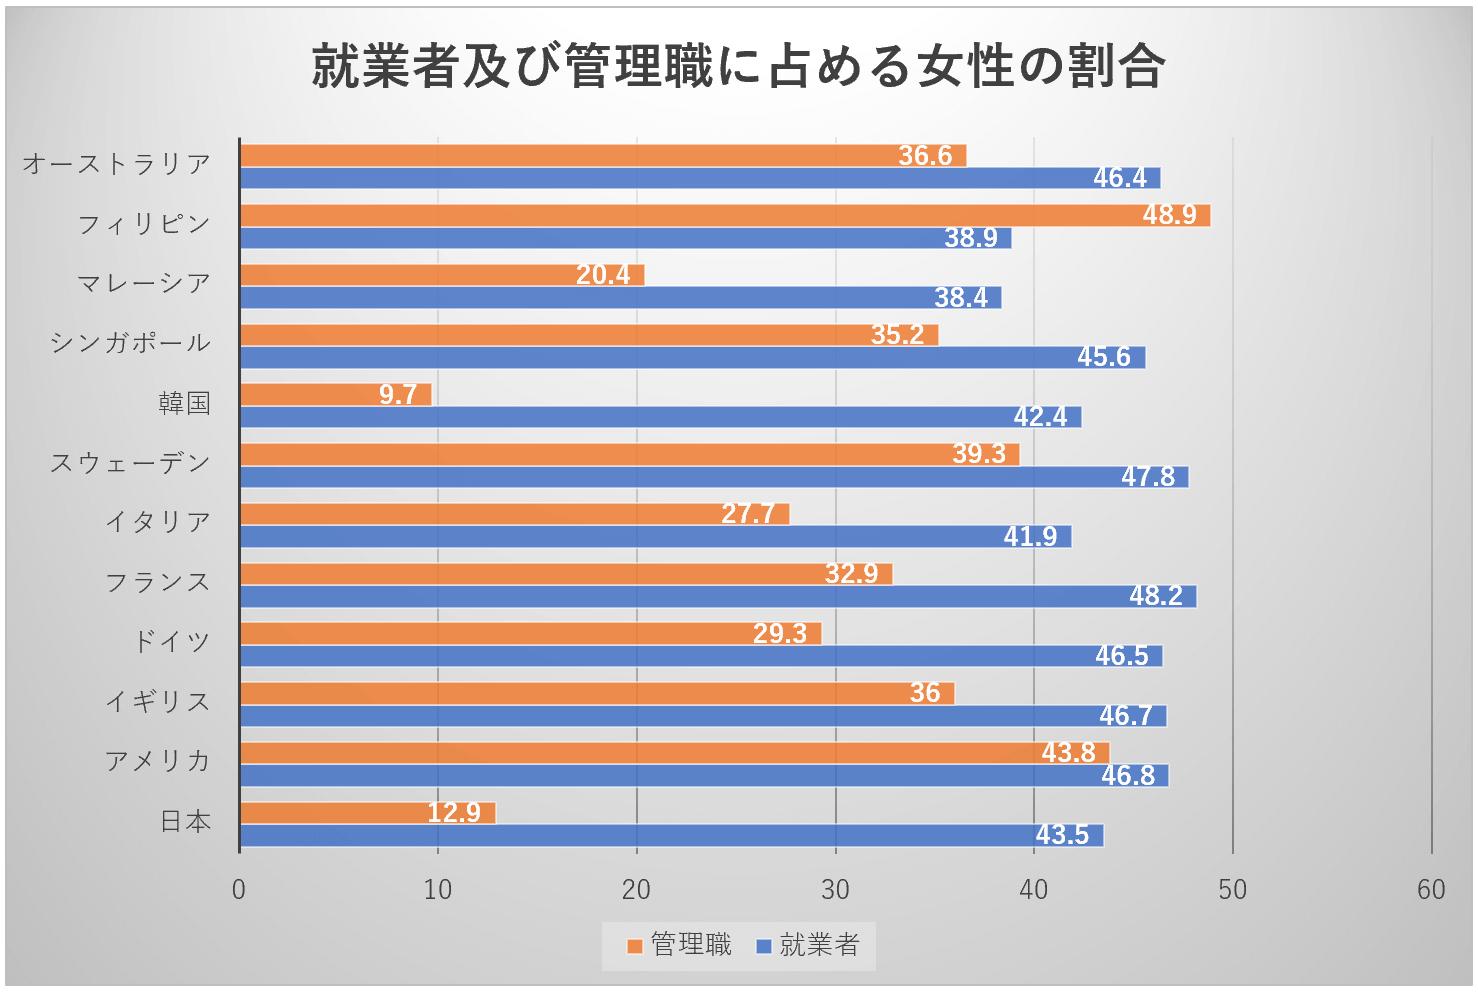 就業者及び管理職に占める女性の割合